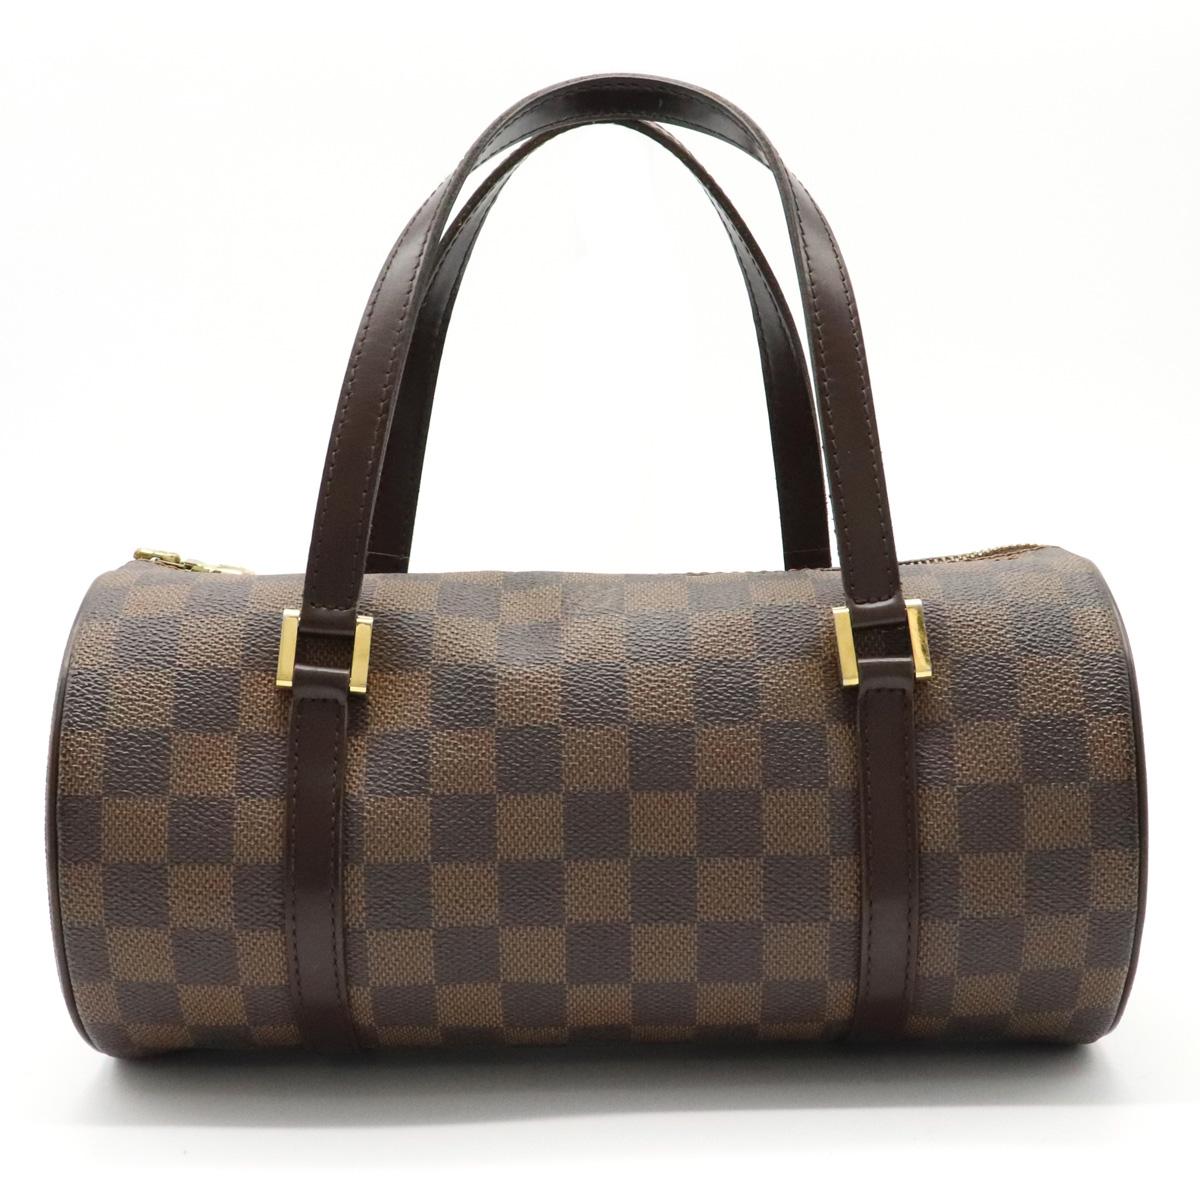 【バッグ】LOUIS VUITTON ルイ ヴィトン ダミエ パピヨンPM パピヨン26 ハンドバッグ 筒型 N51304 【中古】